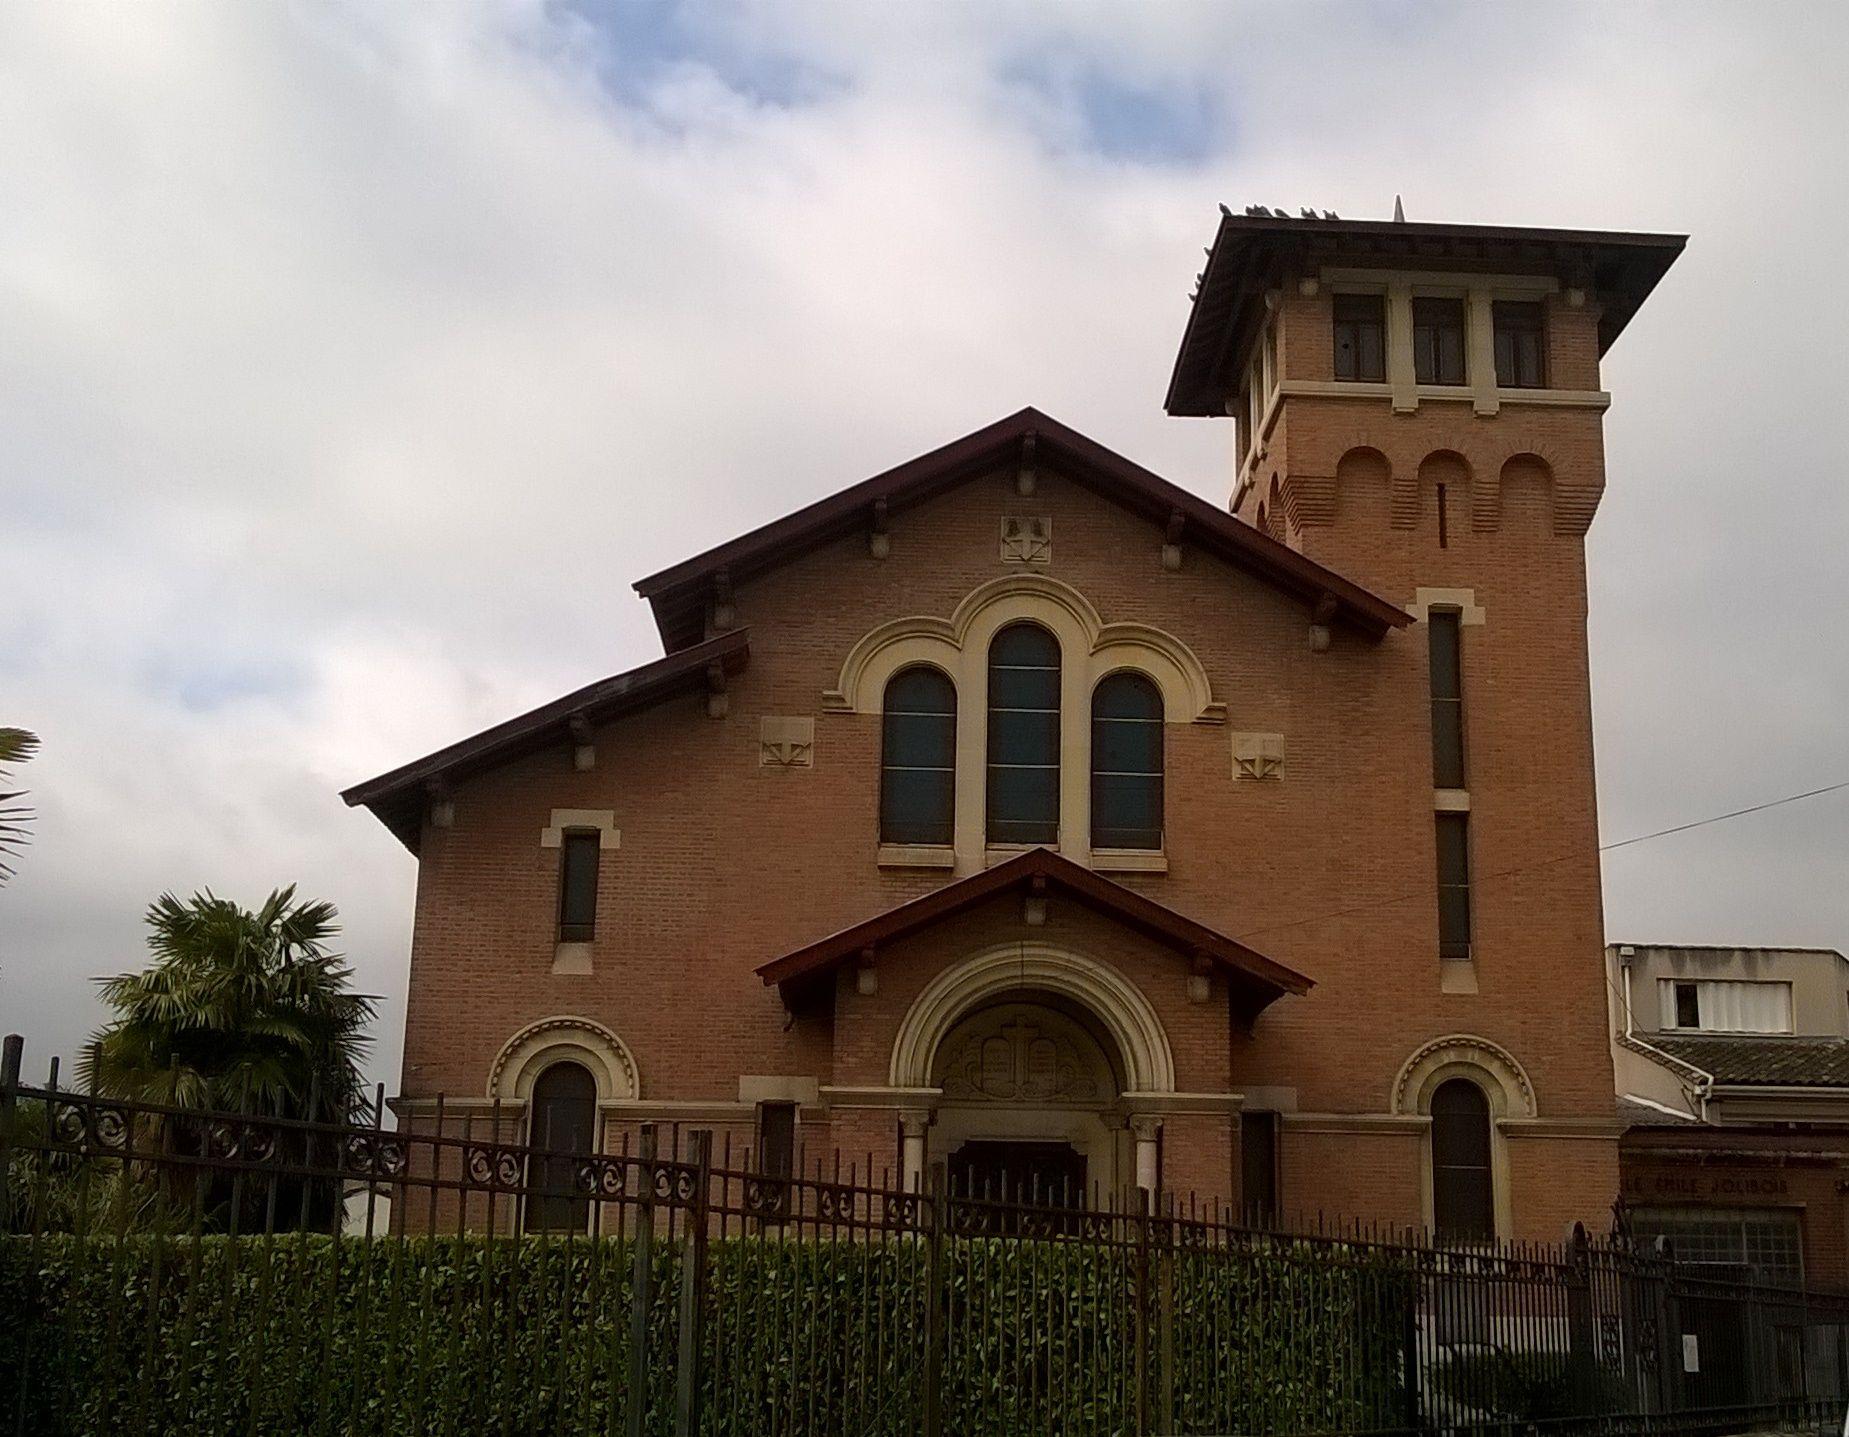 Temple de l'église protestante unie de l'albigeois dans le Tarn